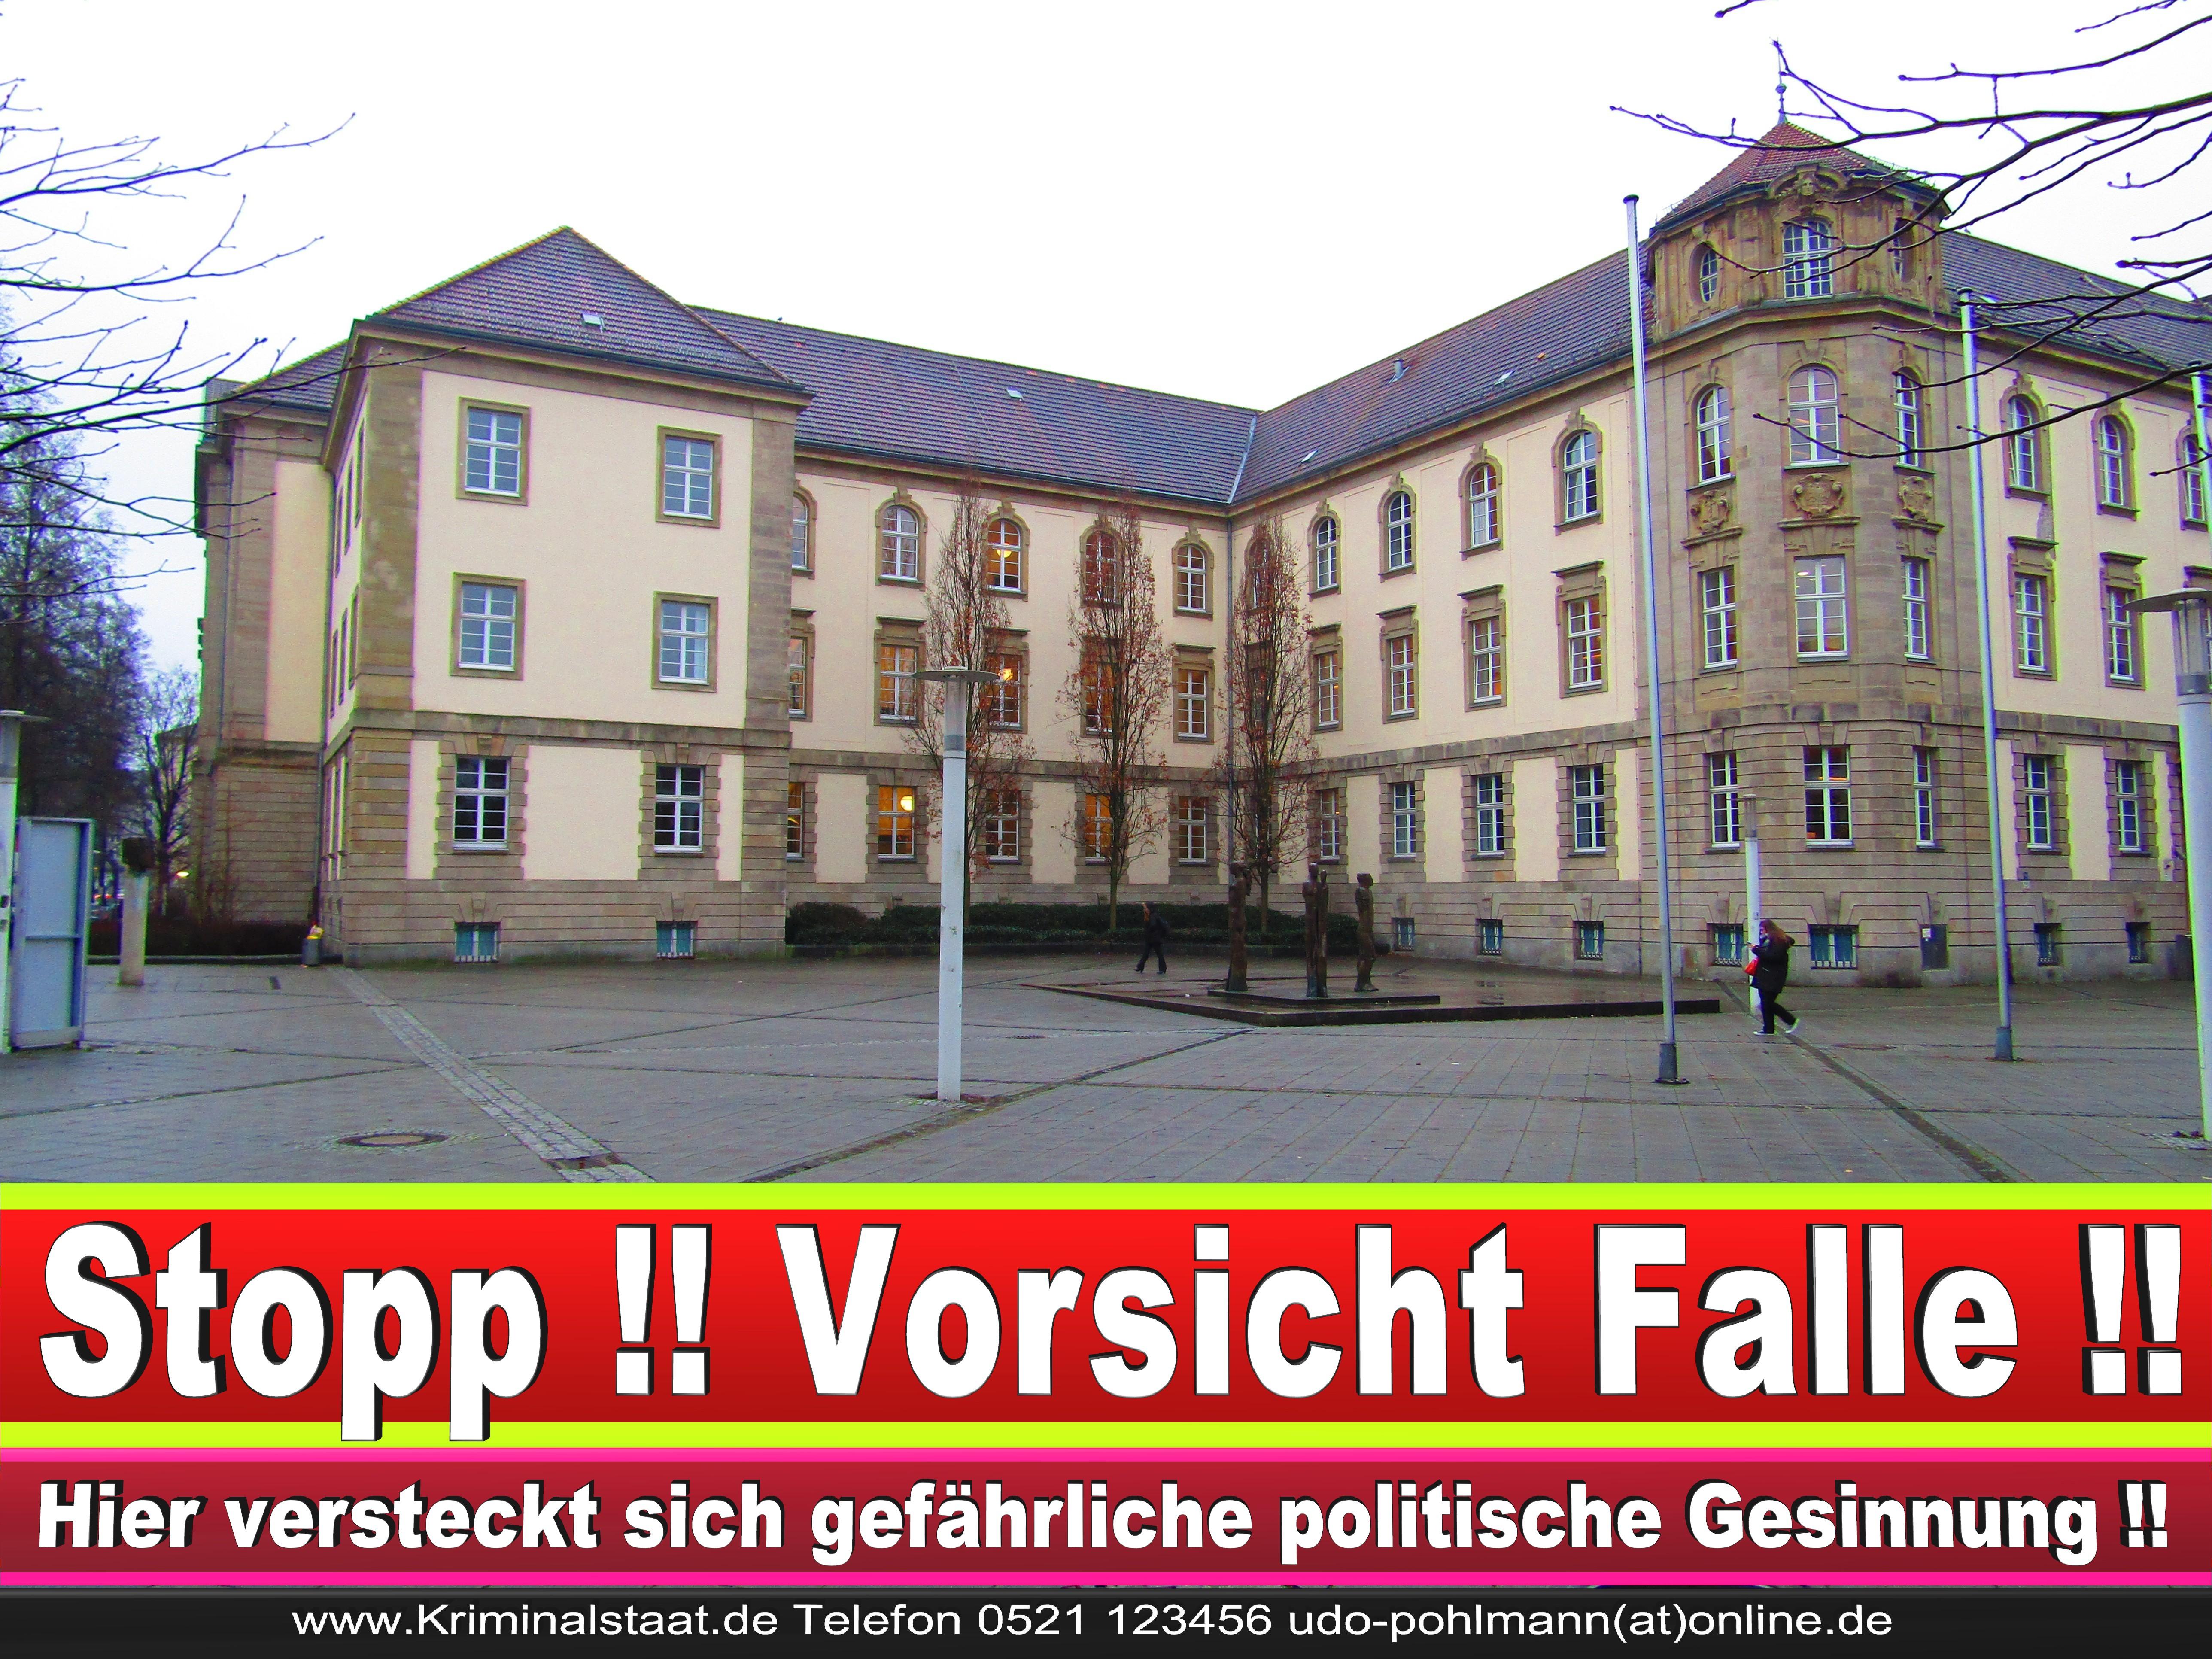 AMTSGERICHT DORTMUND RICHTER AUSBILDUNG PRAKTIKUM ANFAHRT URTEILE KORRUPTION POLIZEI ADRESSE DIREKTOR (1) 2